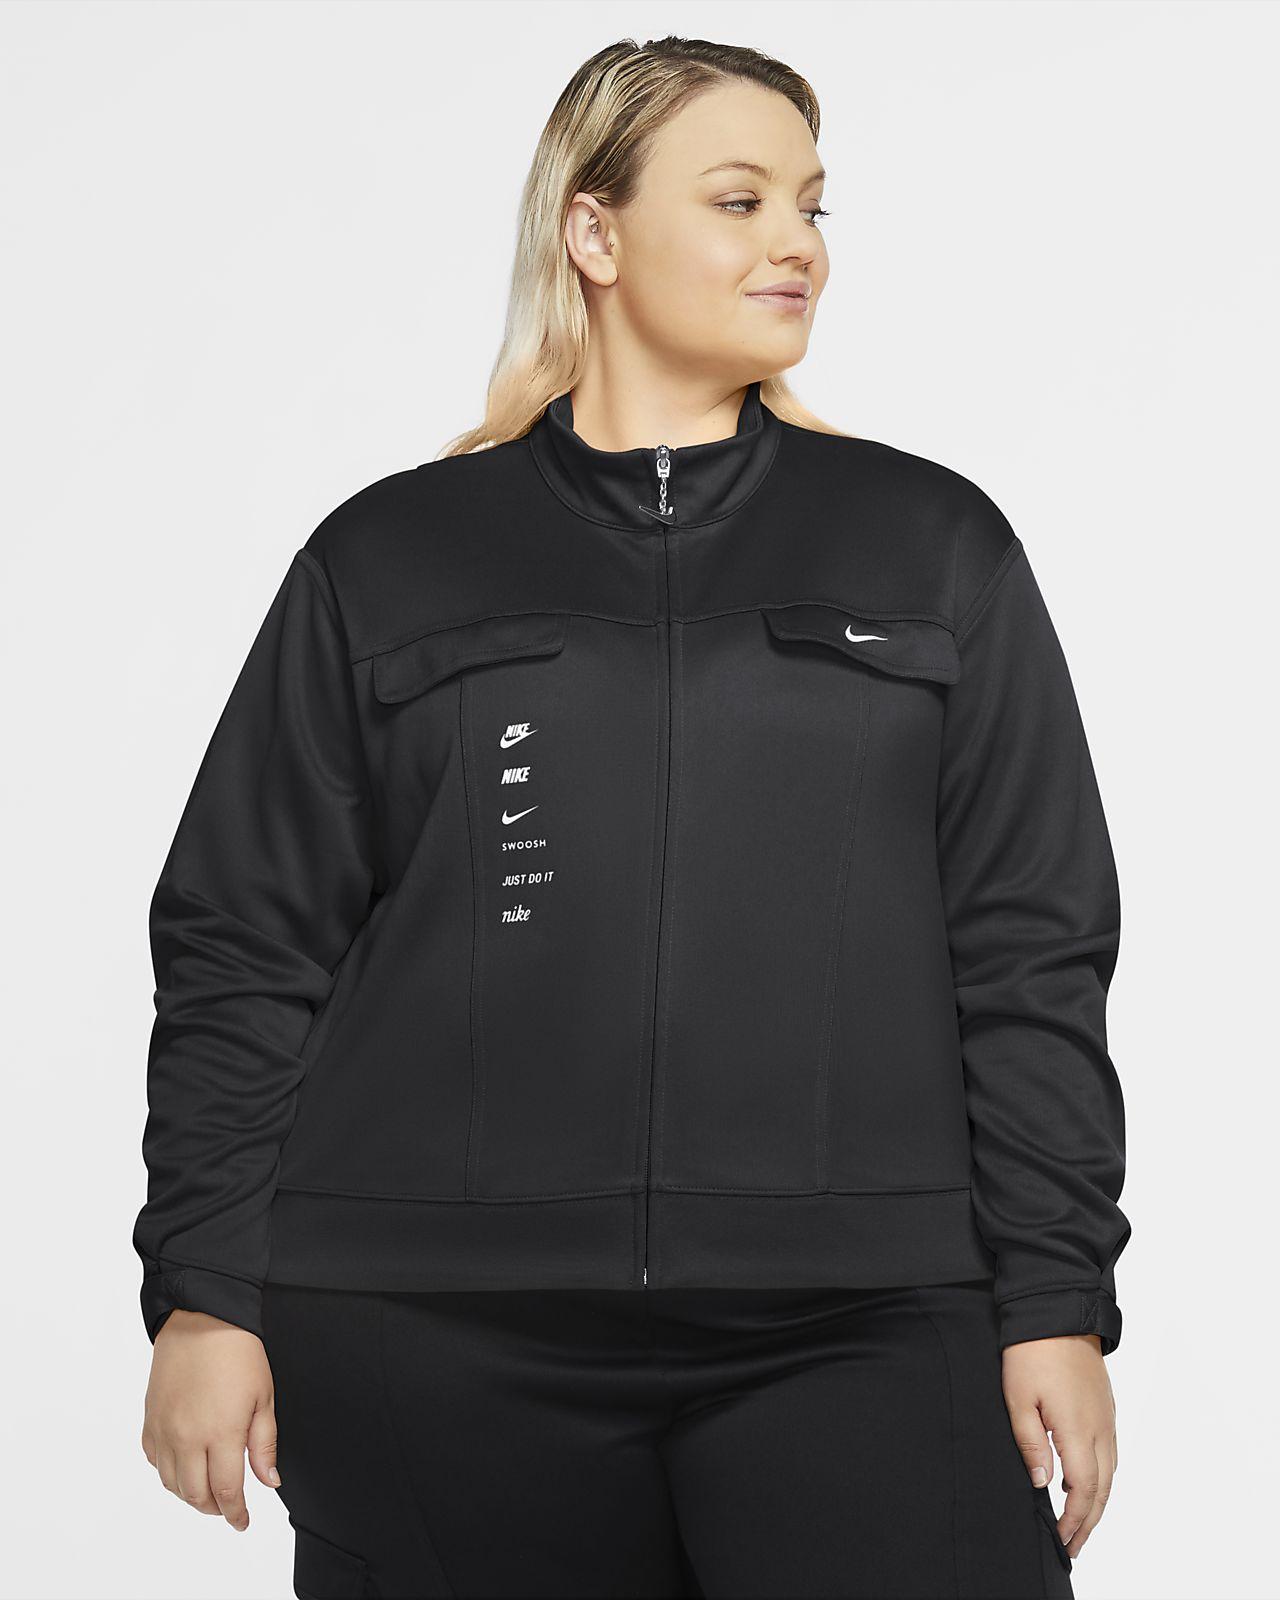 Nike Sportswear Swoosh Polyester Örgü Kadın Ceketi (Büyük Beden)